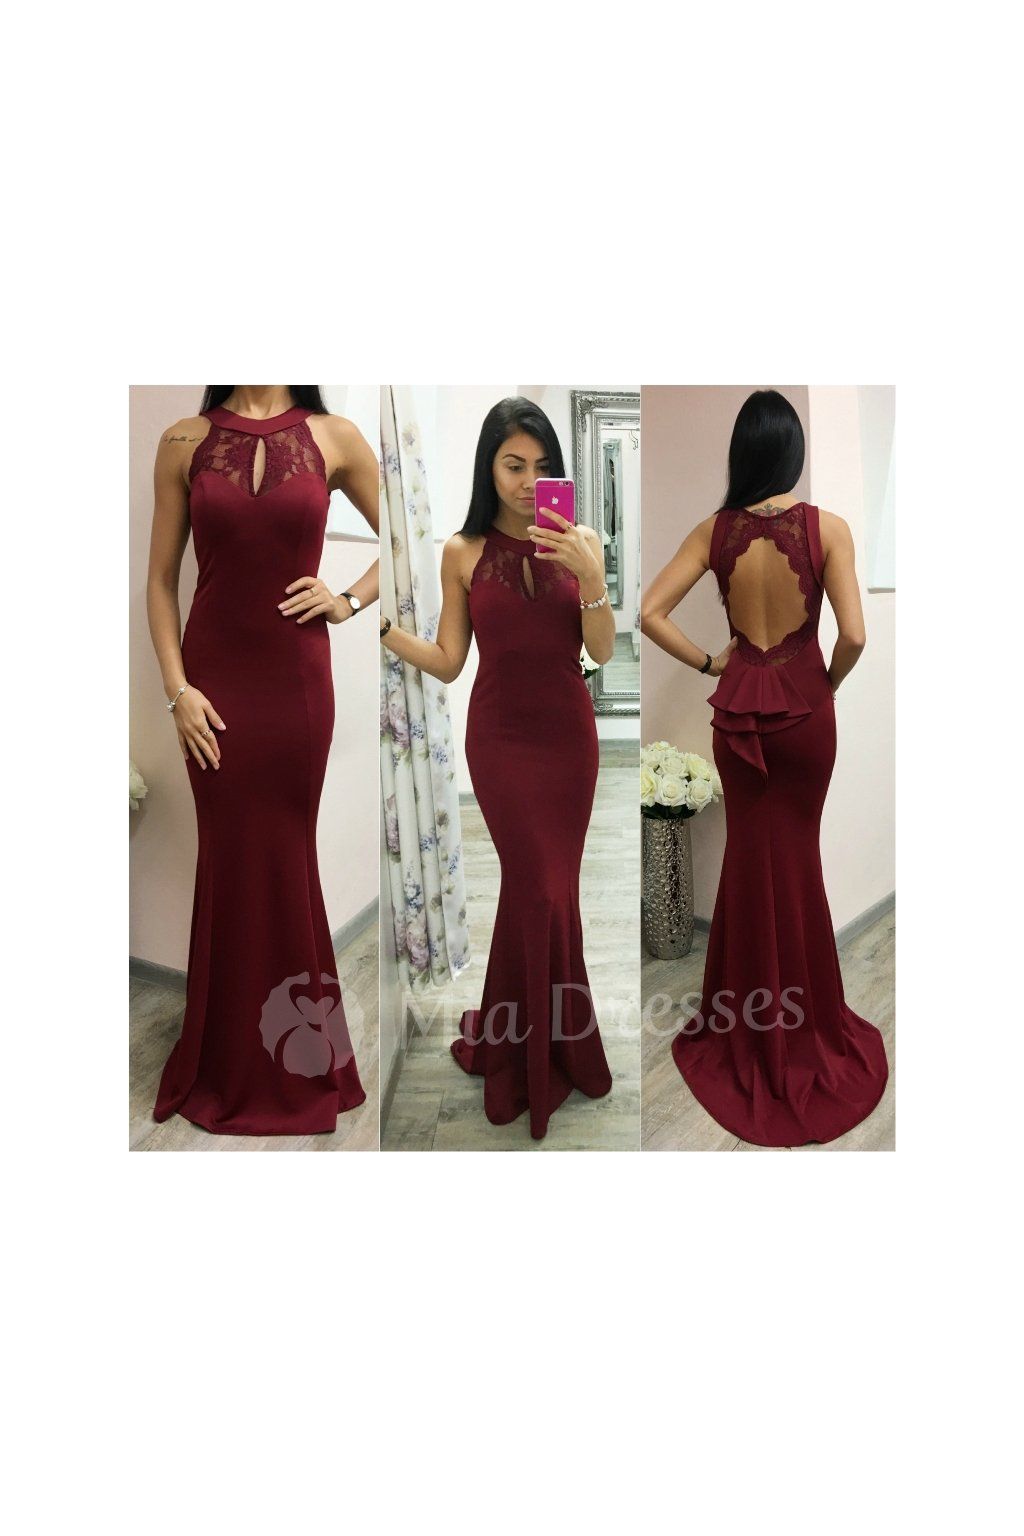 8b08b543d2e4 Bordové spoločenské šaty s odhaleným chrbtom - Mia Dresses